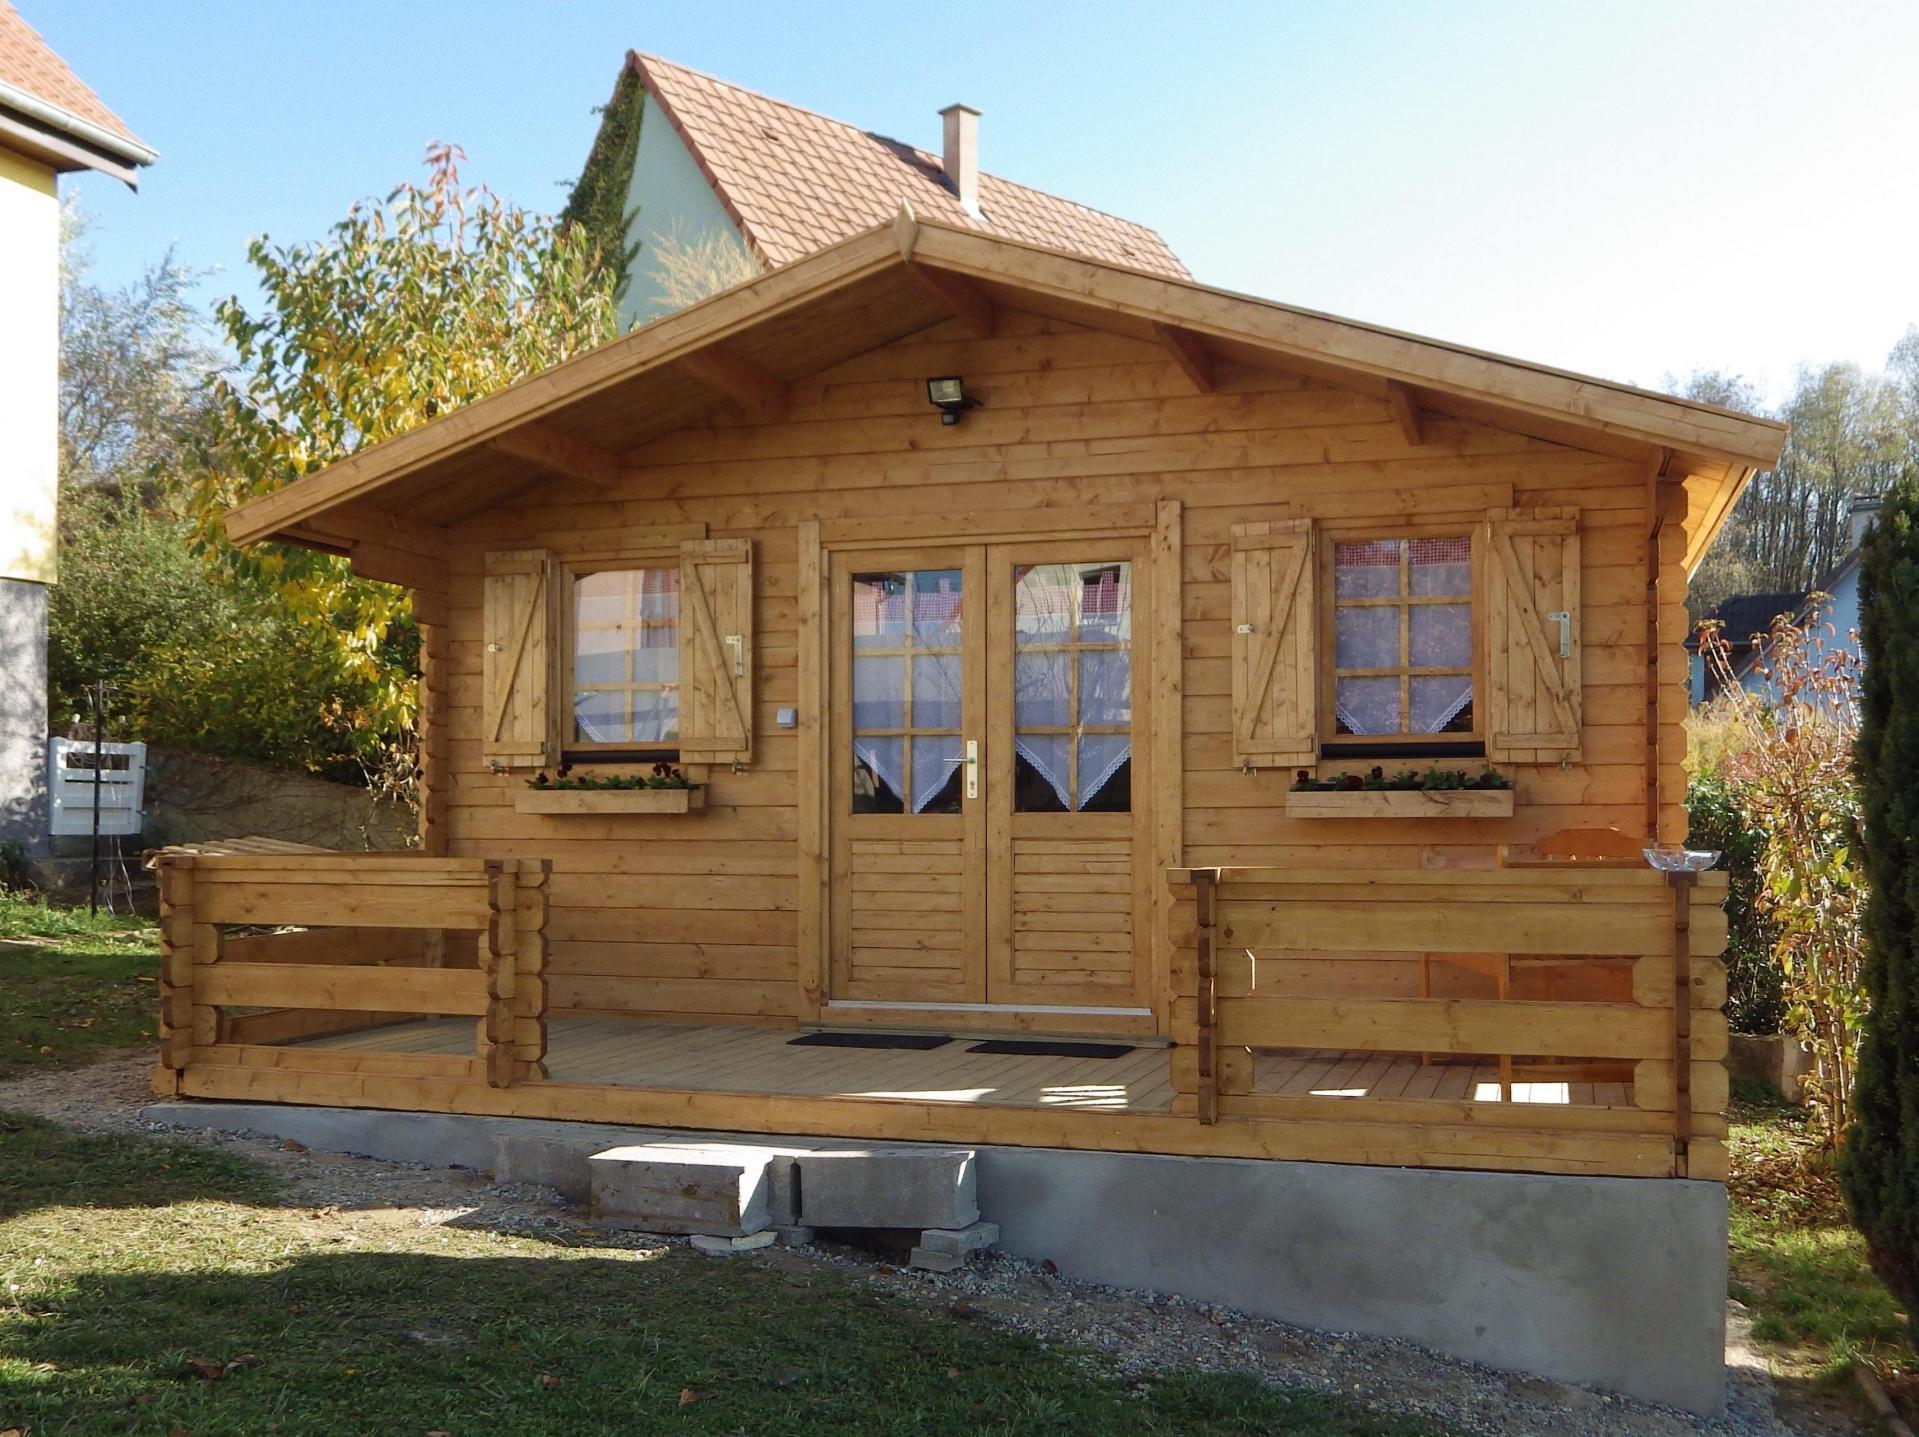 Fabricant Constructeur De Kits Chalets En Bois Habitables - Stmb pour Chalet En Bois Habitable D Occasion